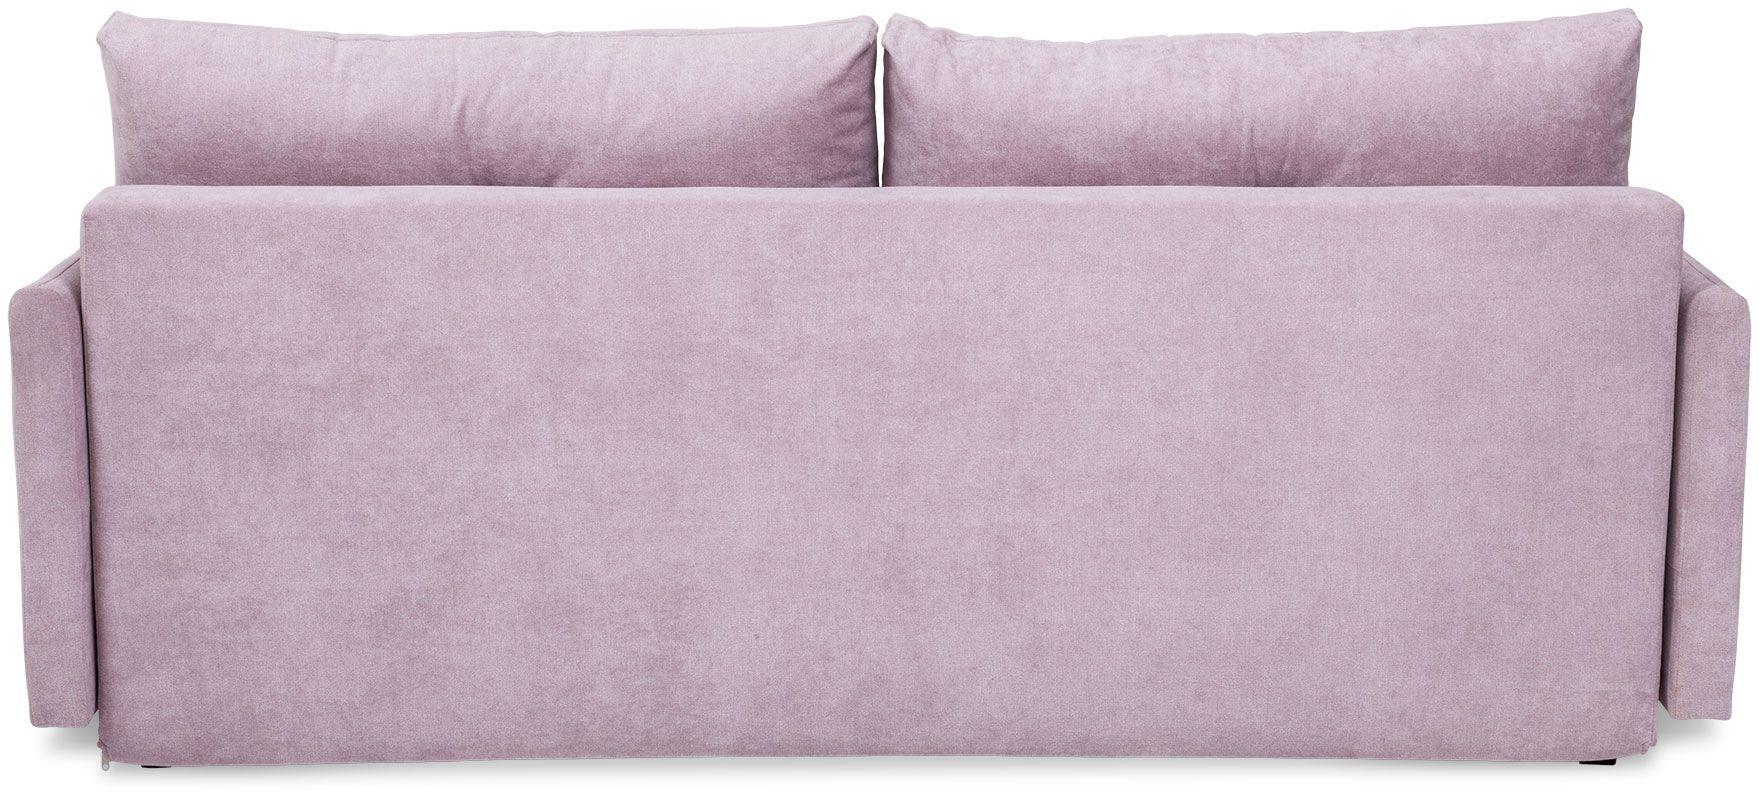 sofa naria 6